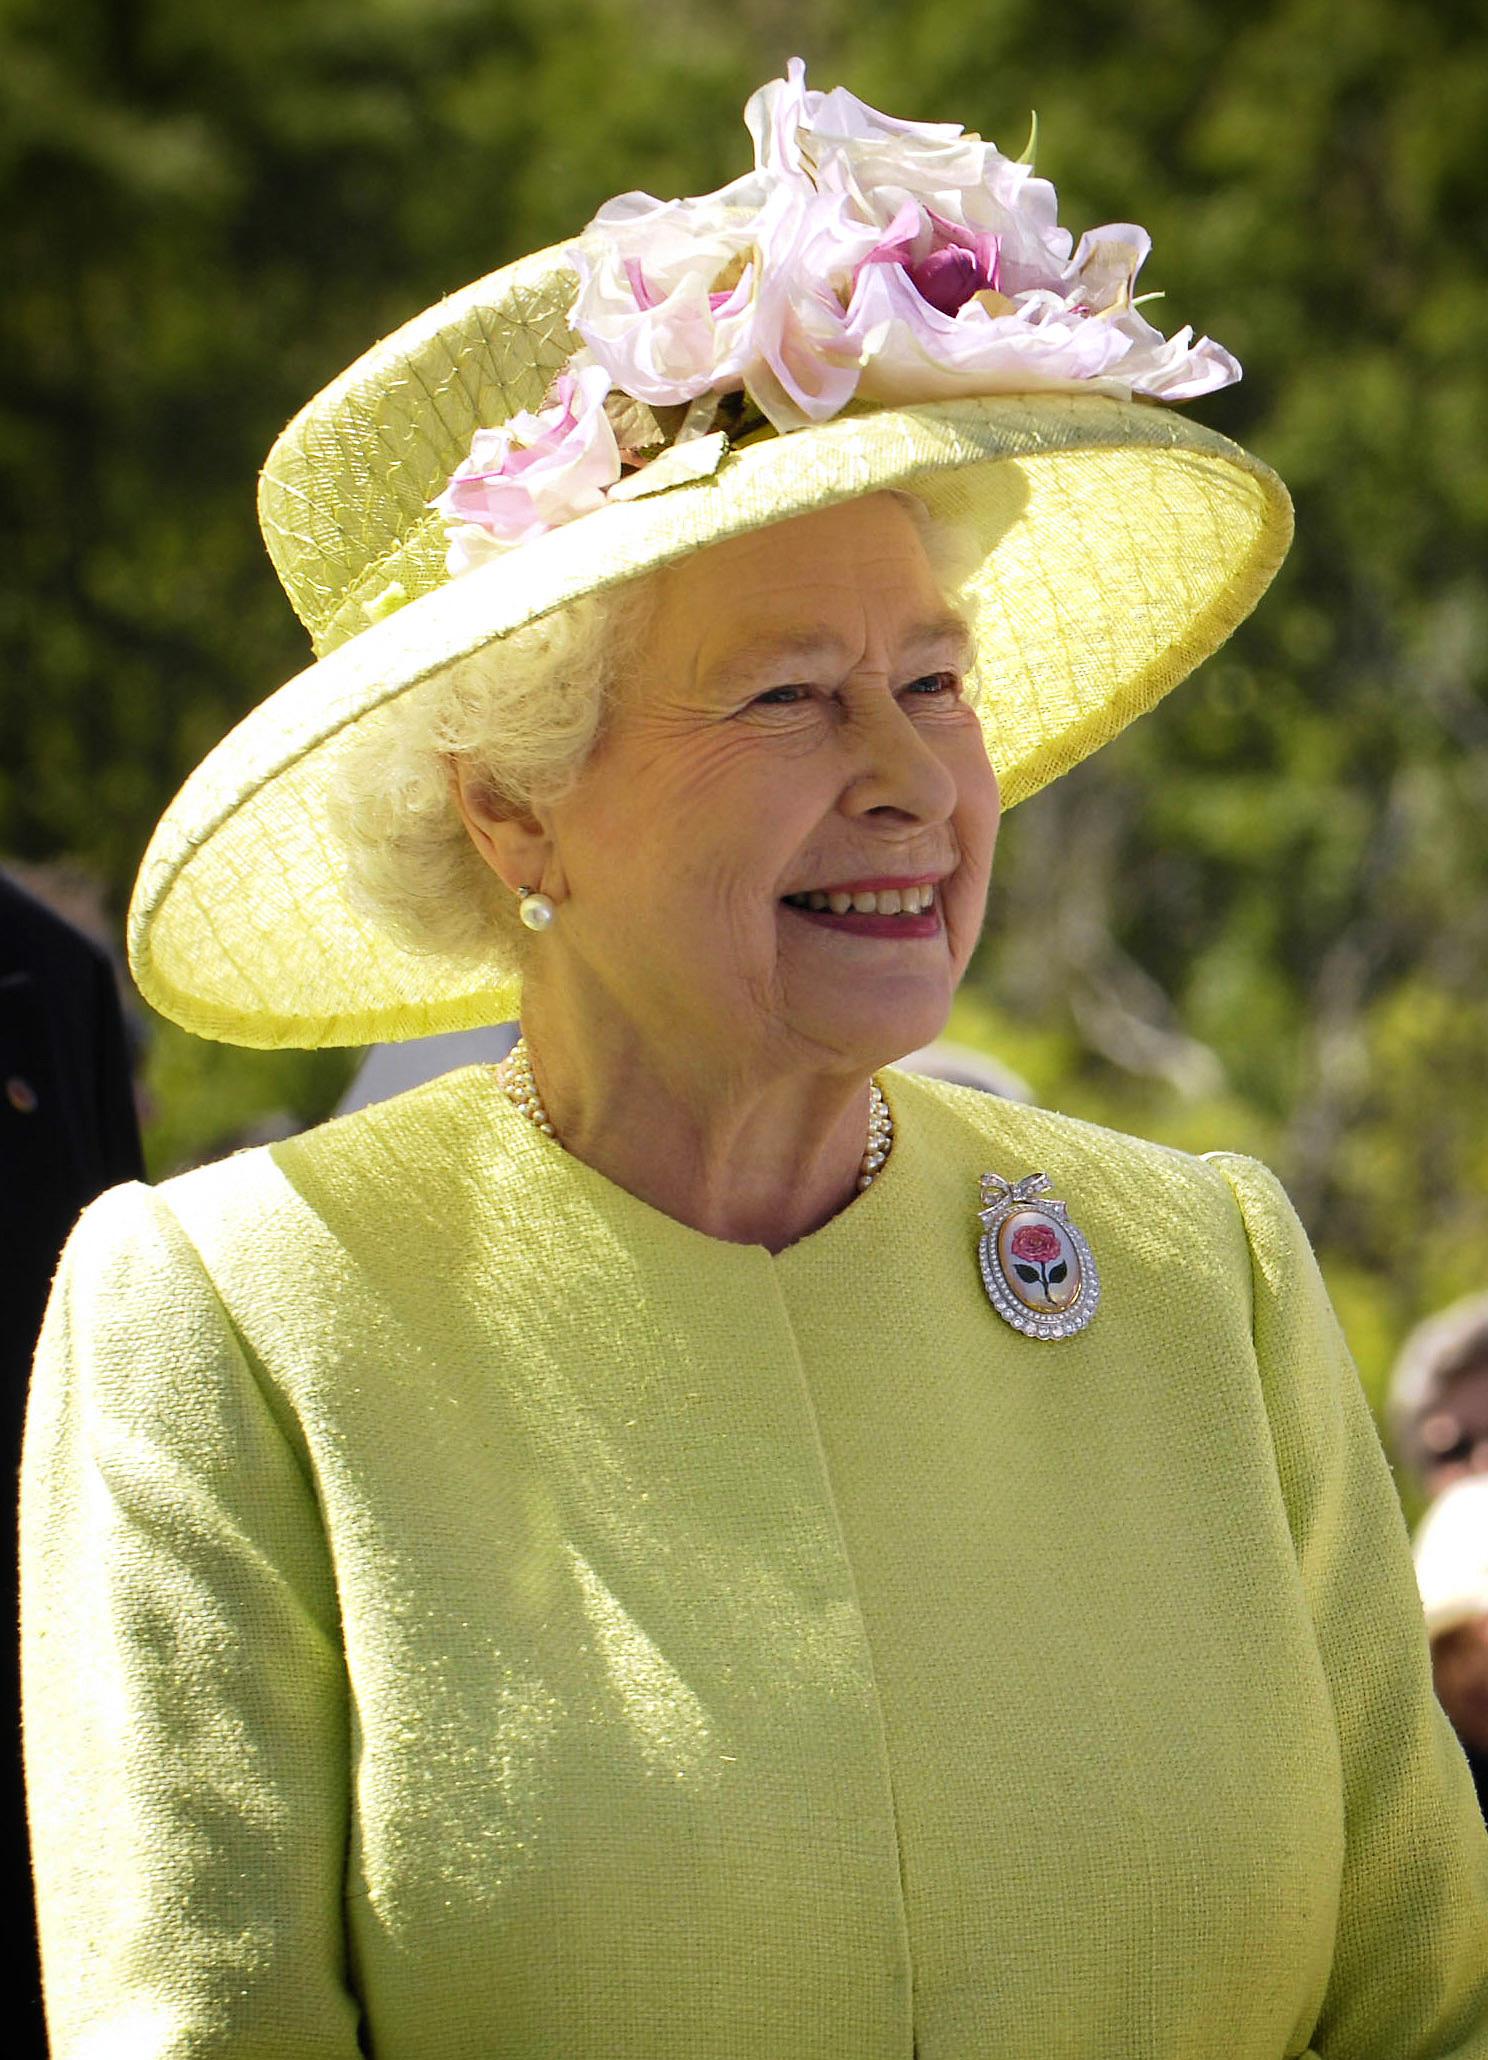 エリザベス女王を満足させた新幹線の運転技術